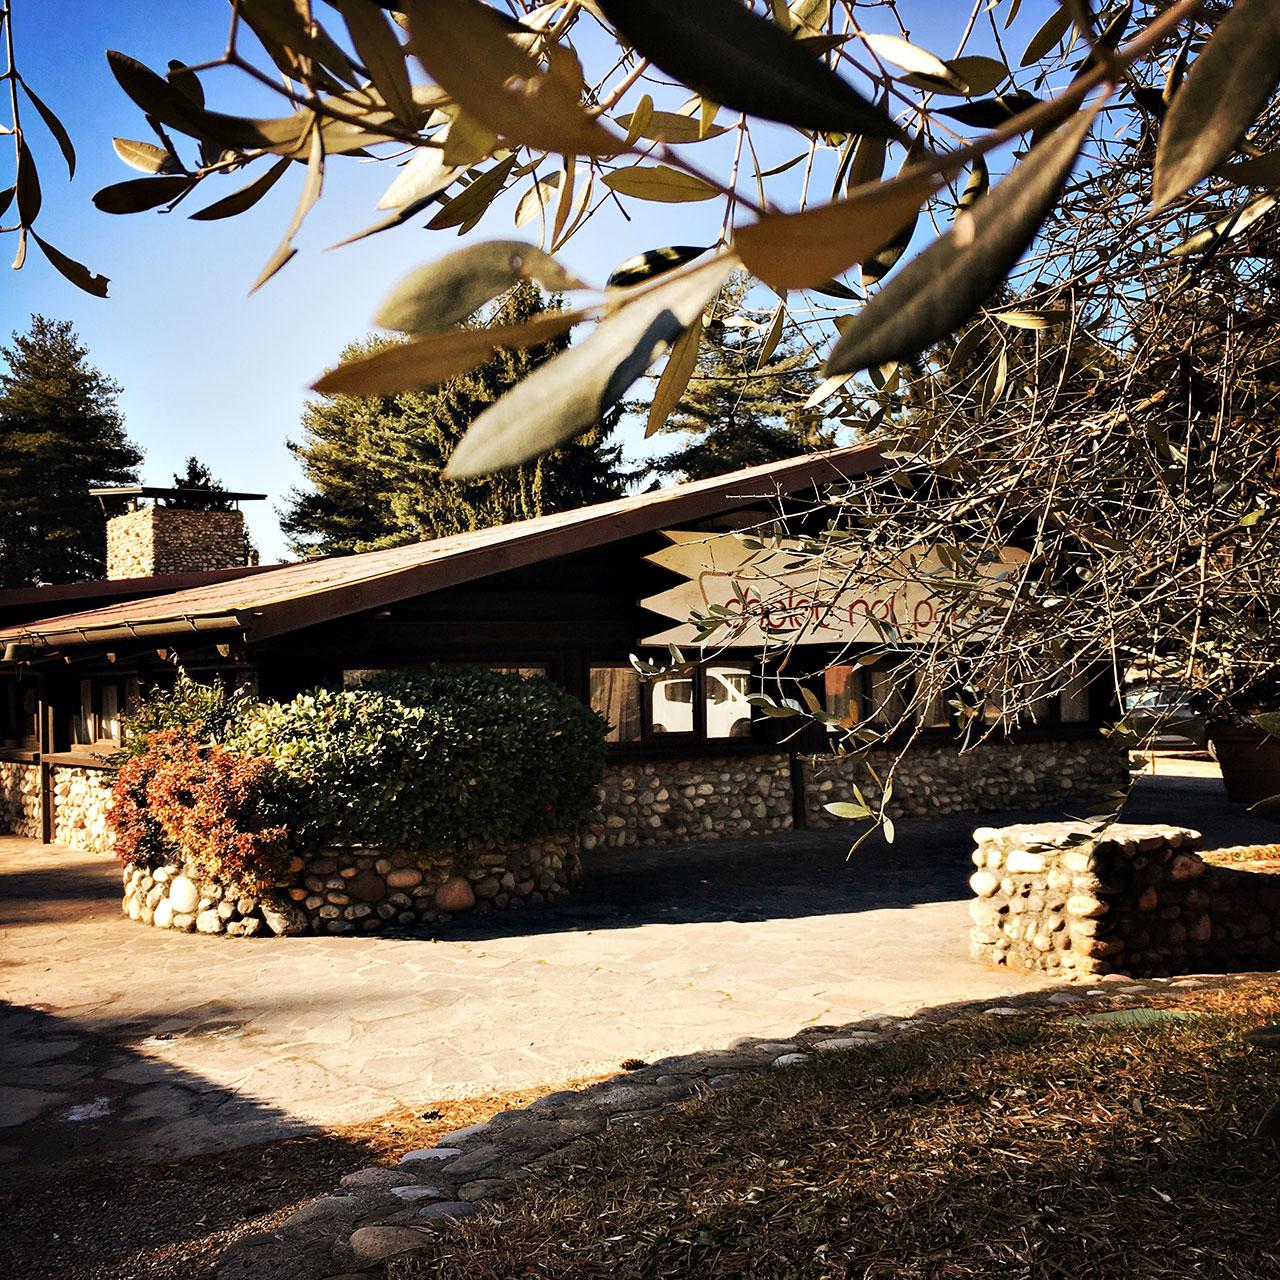 CHALET NEL PARCO   Ristorante Cerro Maggiore, location per Eventi e Cerimonie